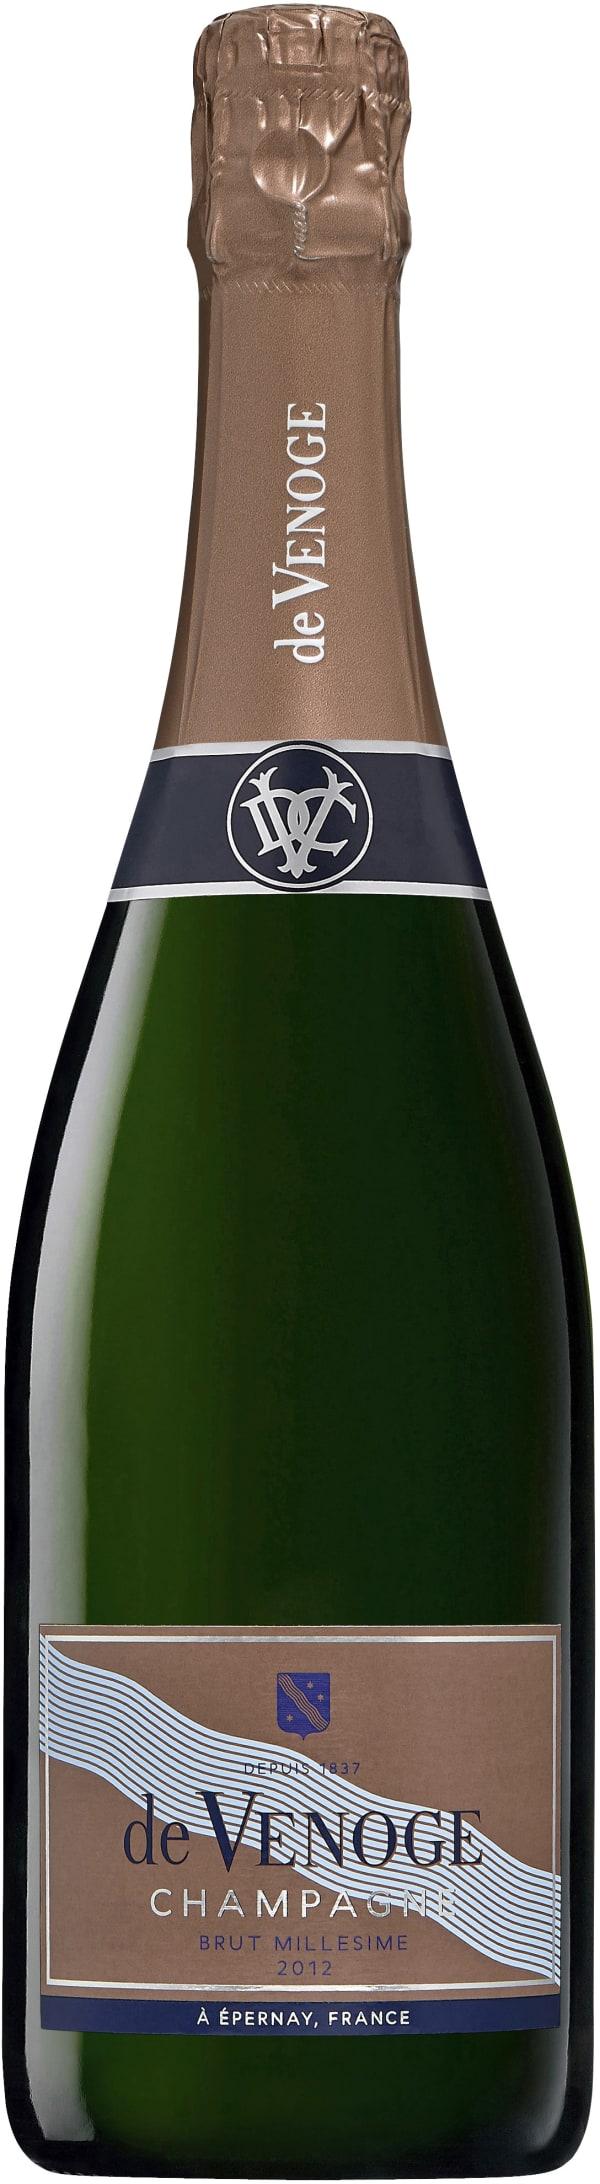 de Venoge Millésimé Champagne Brut 2002